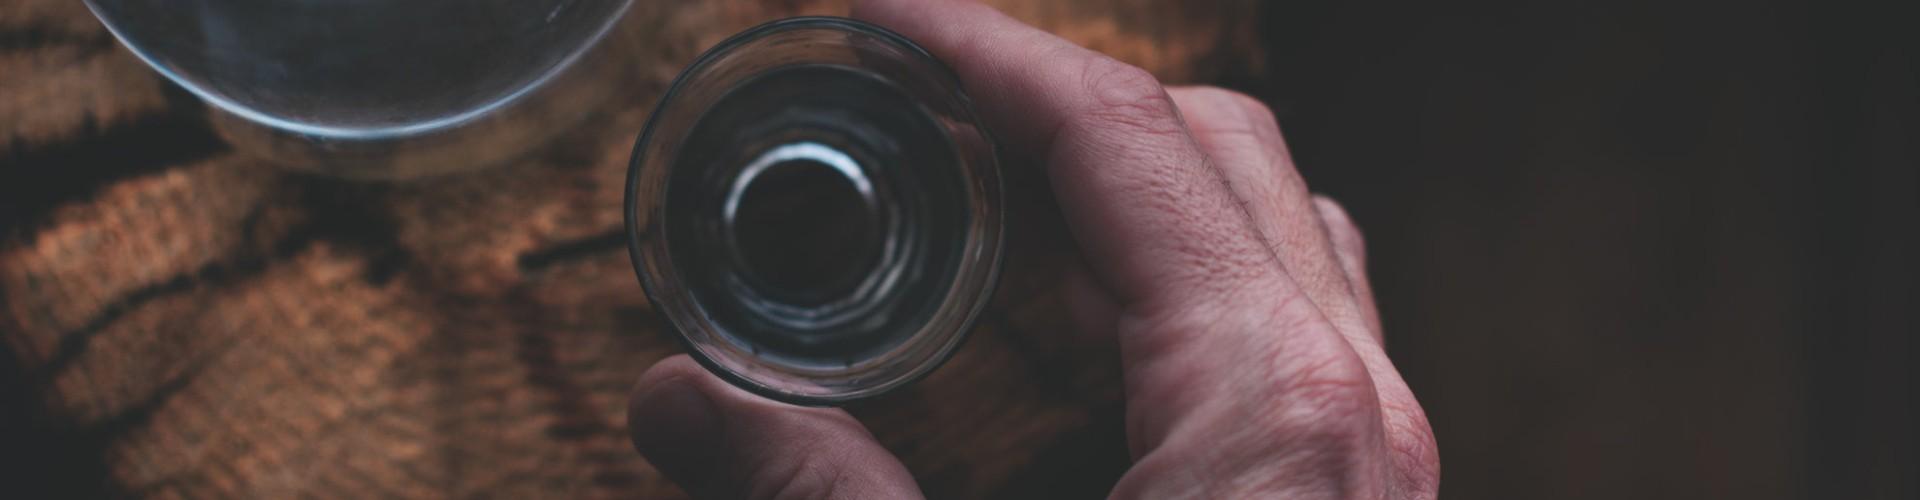 Grappe e liquori prodotti dalle vinacce dei vitigni in Valtellina